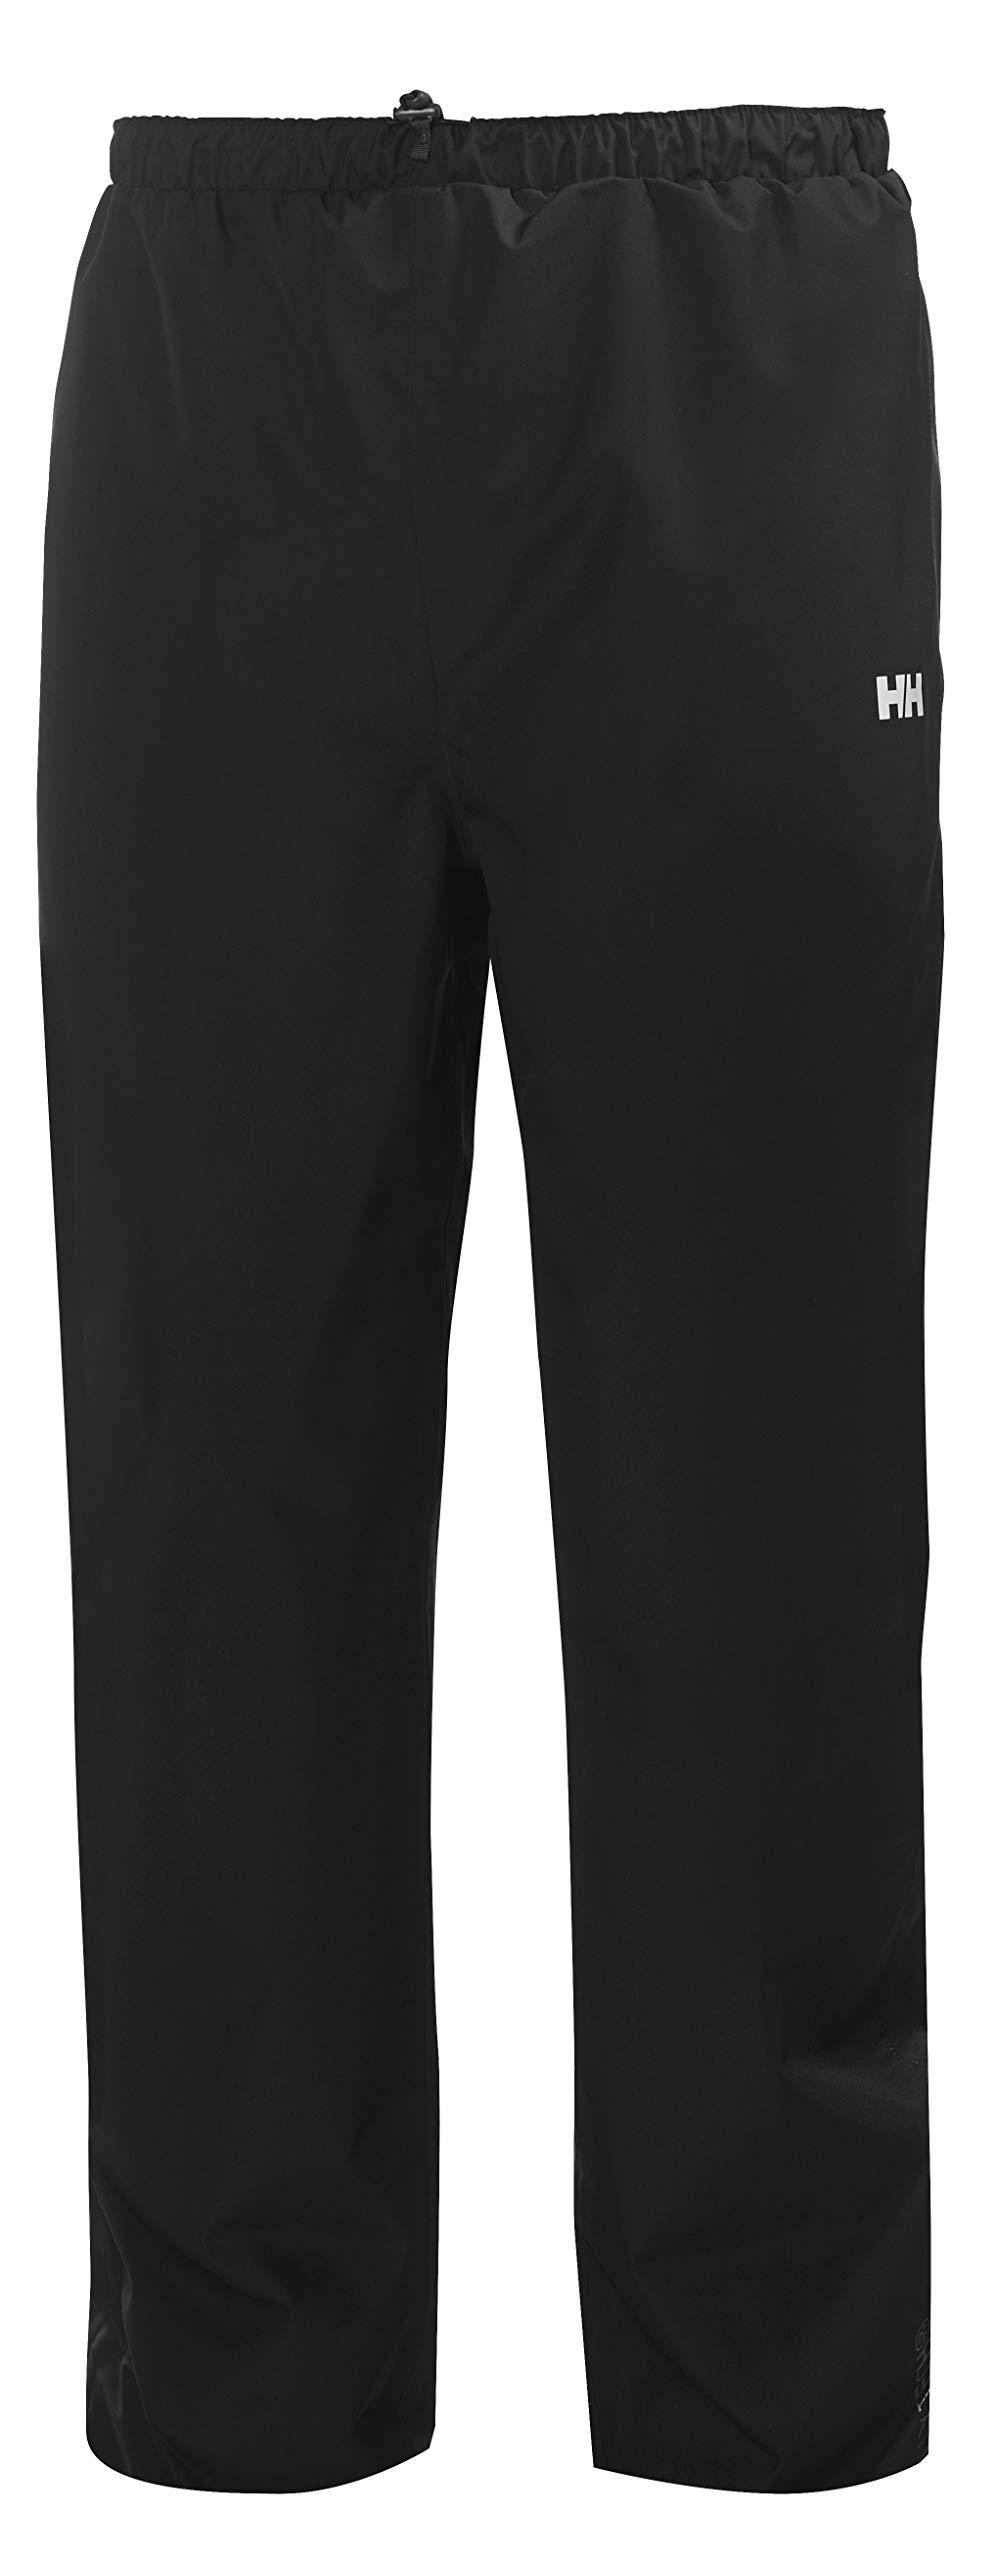 Helly Hansen Men's Seven J Waterproof Windproof Rain Pant, 990 Black, Large by Helly Hansen